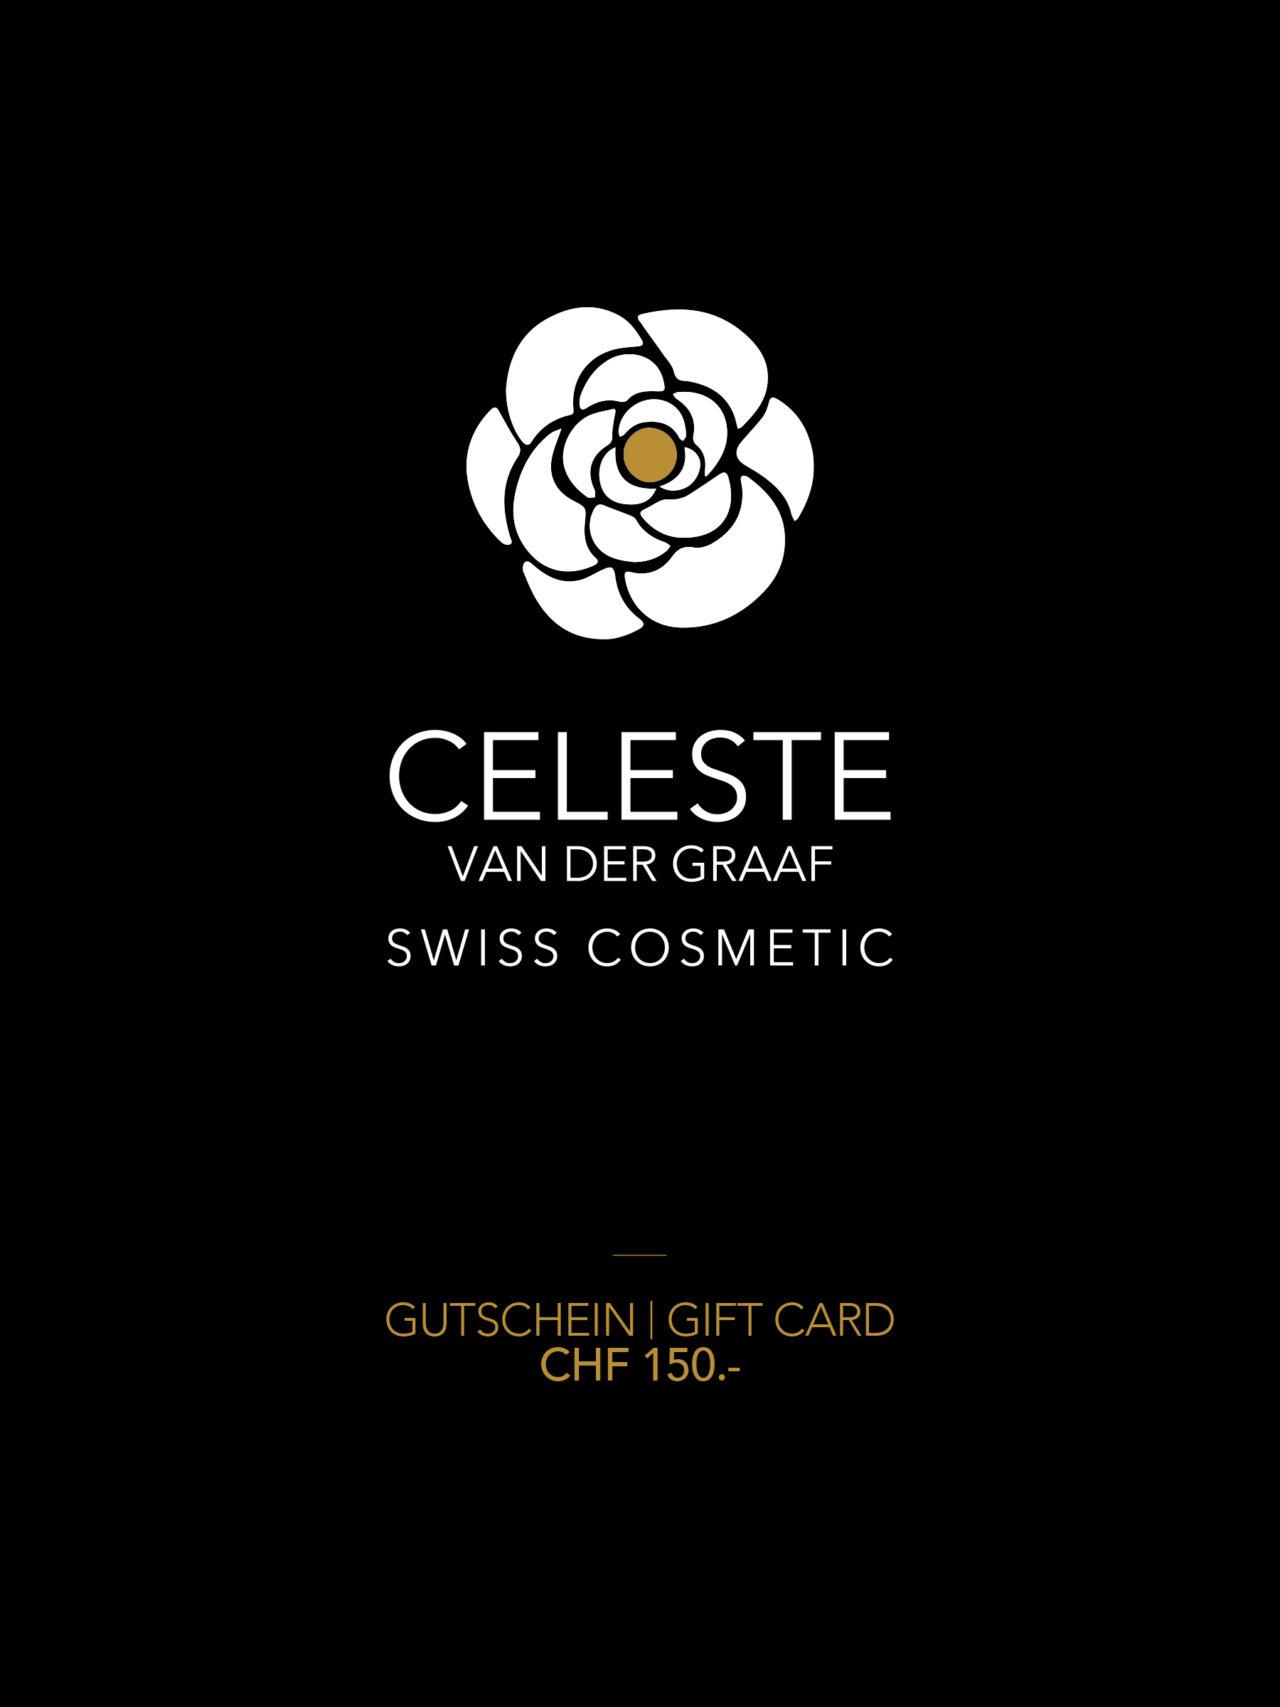 gutschein_gift_card_150_swiss_cosmetic